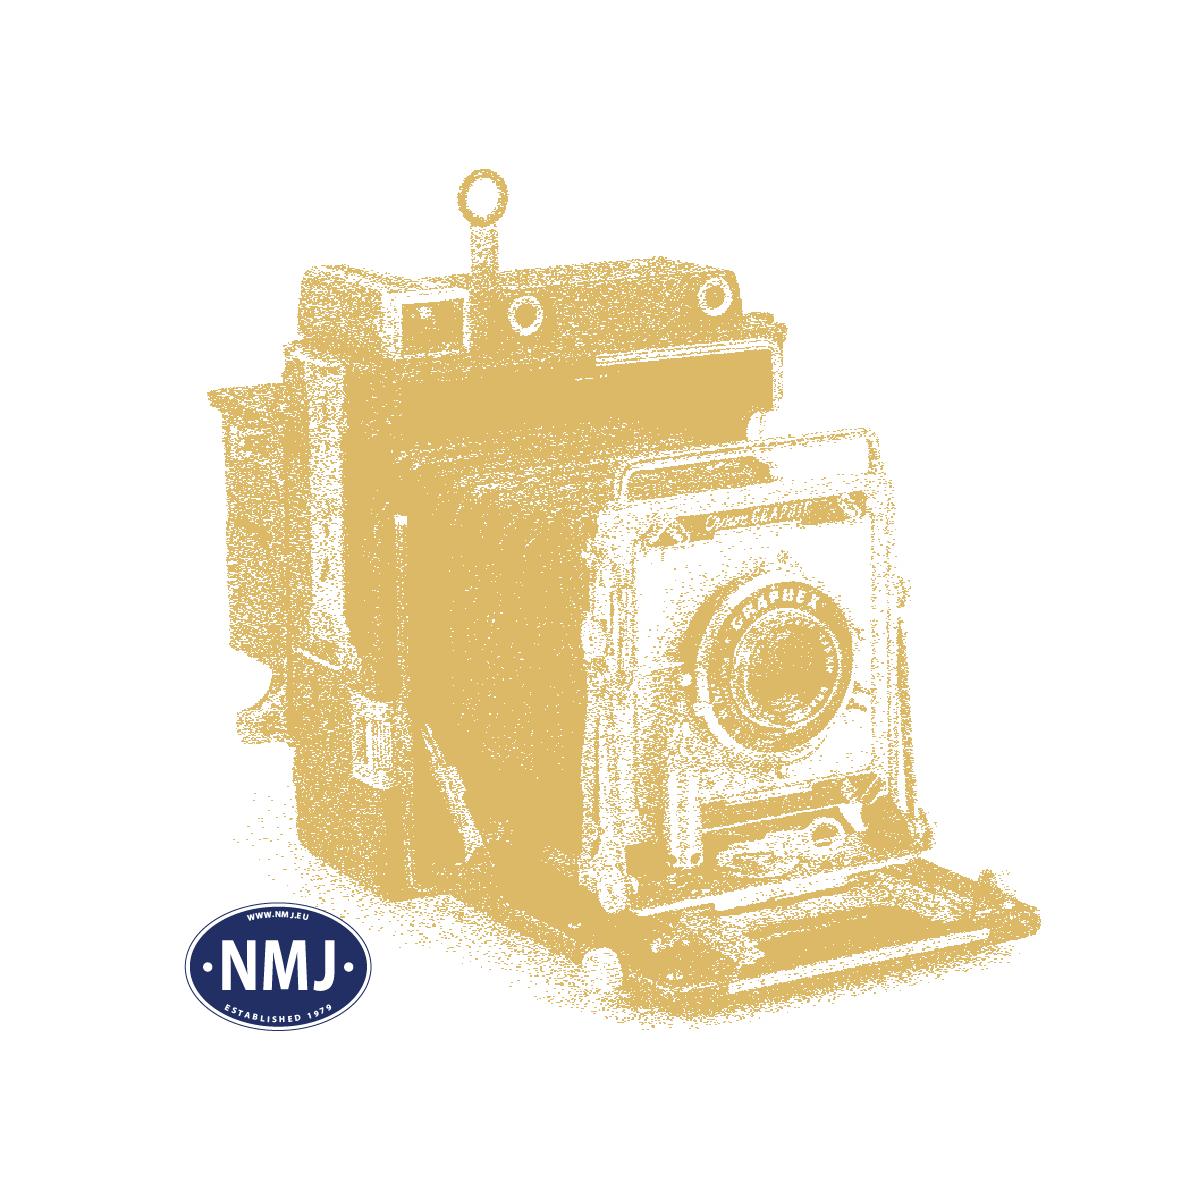 NMJT202.101 - NMJ Topline SJ AB2 4853, 1/2 Kl. Personvogn, hvit SJ logo